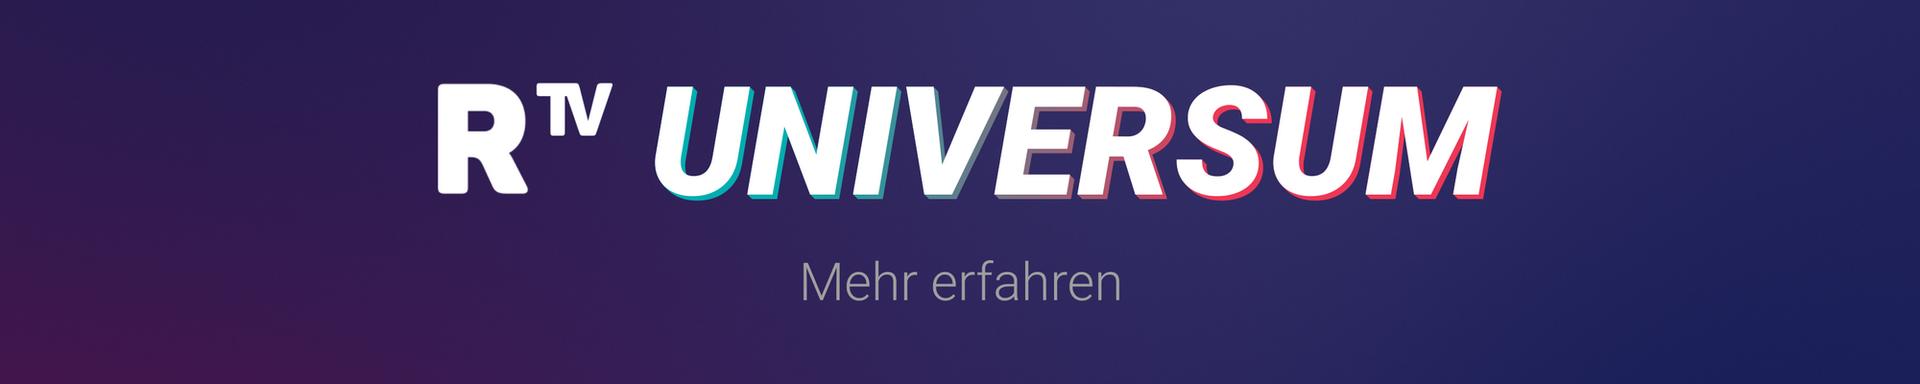 Universum 4.png